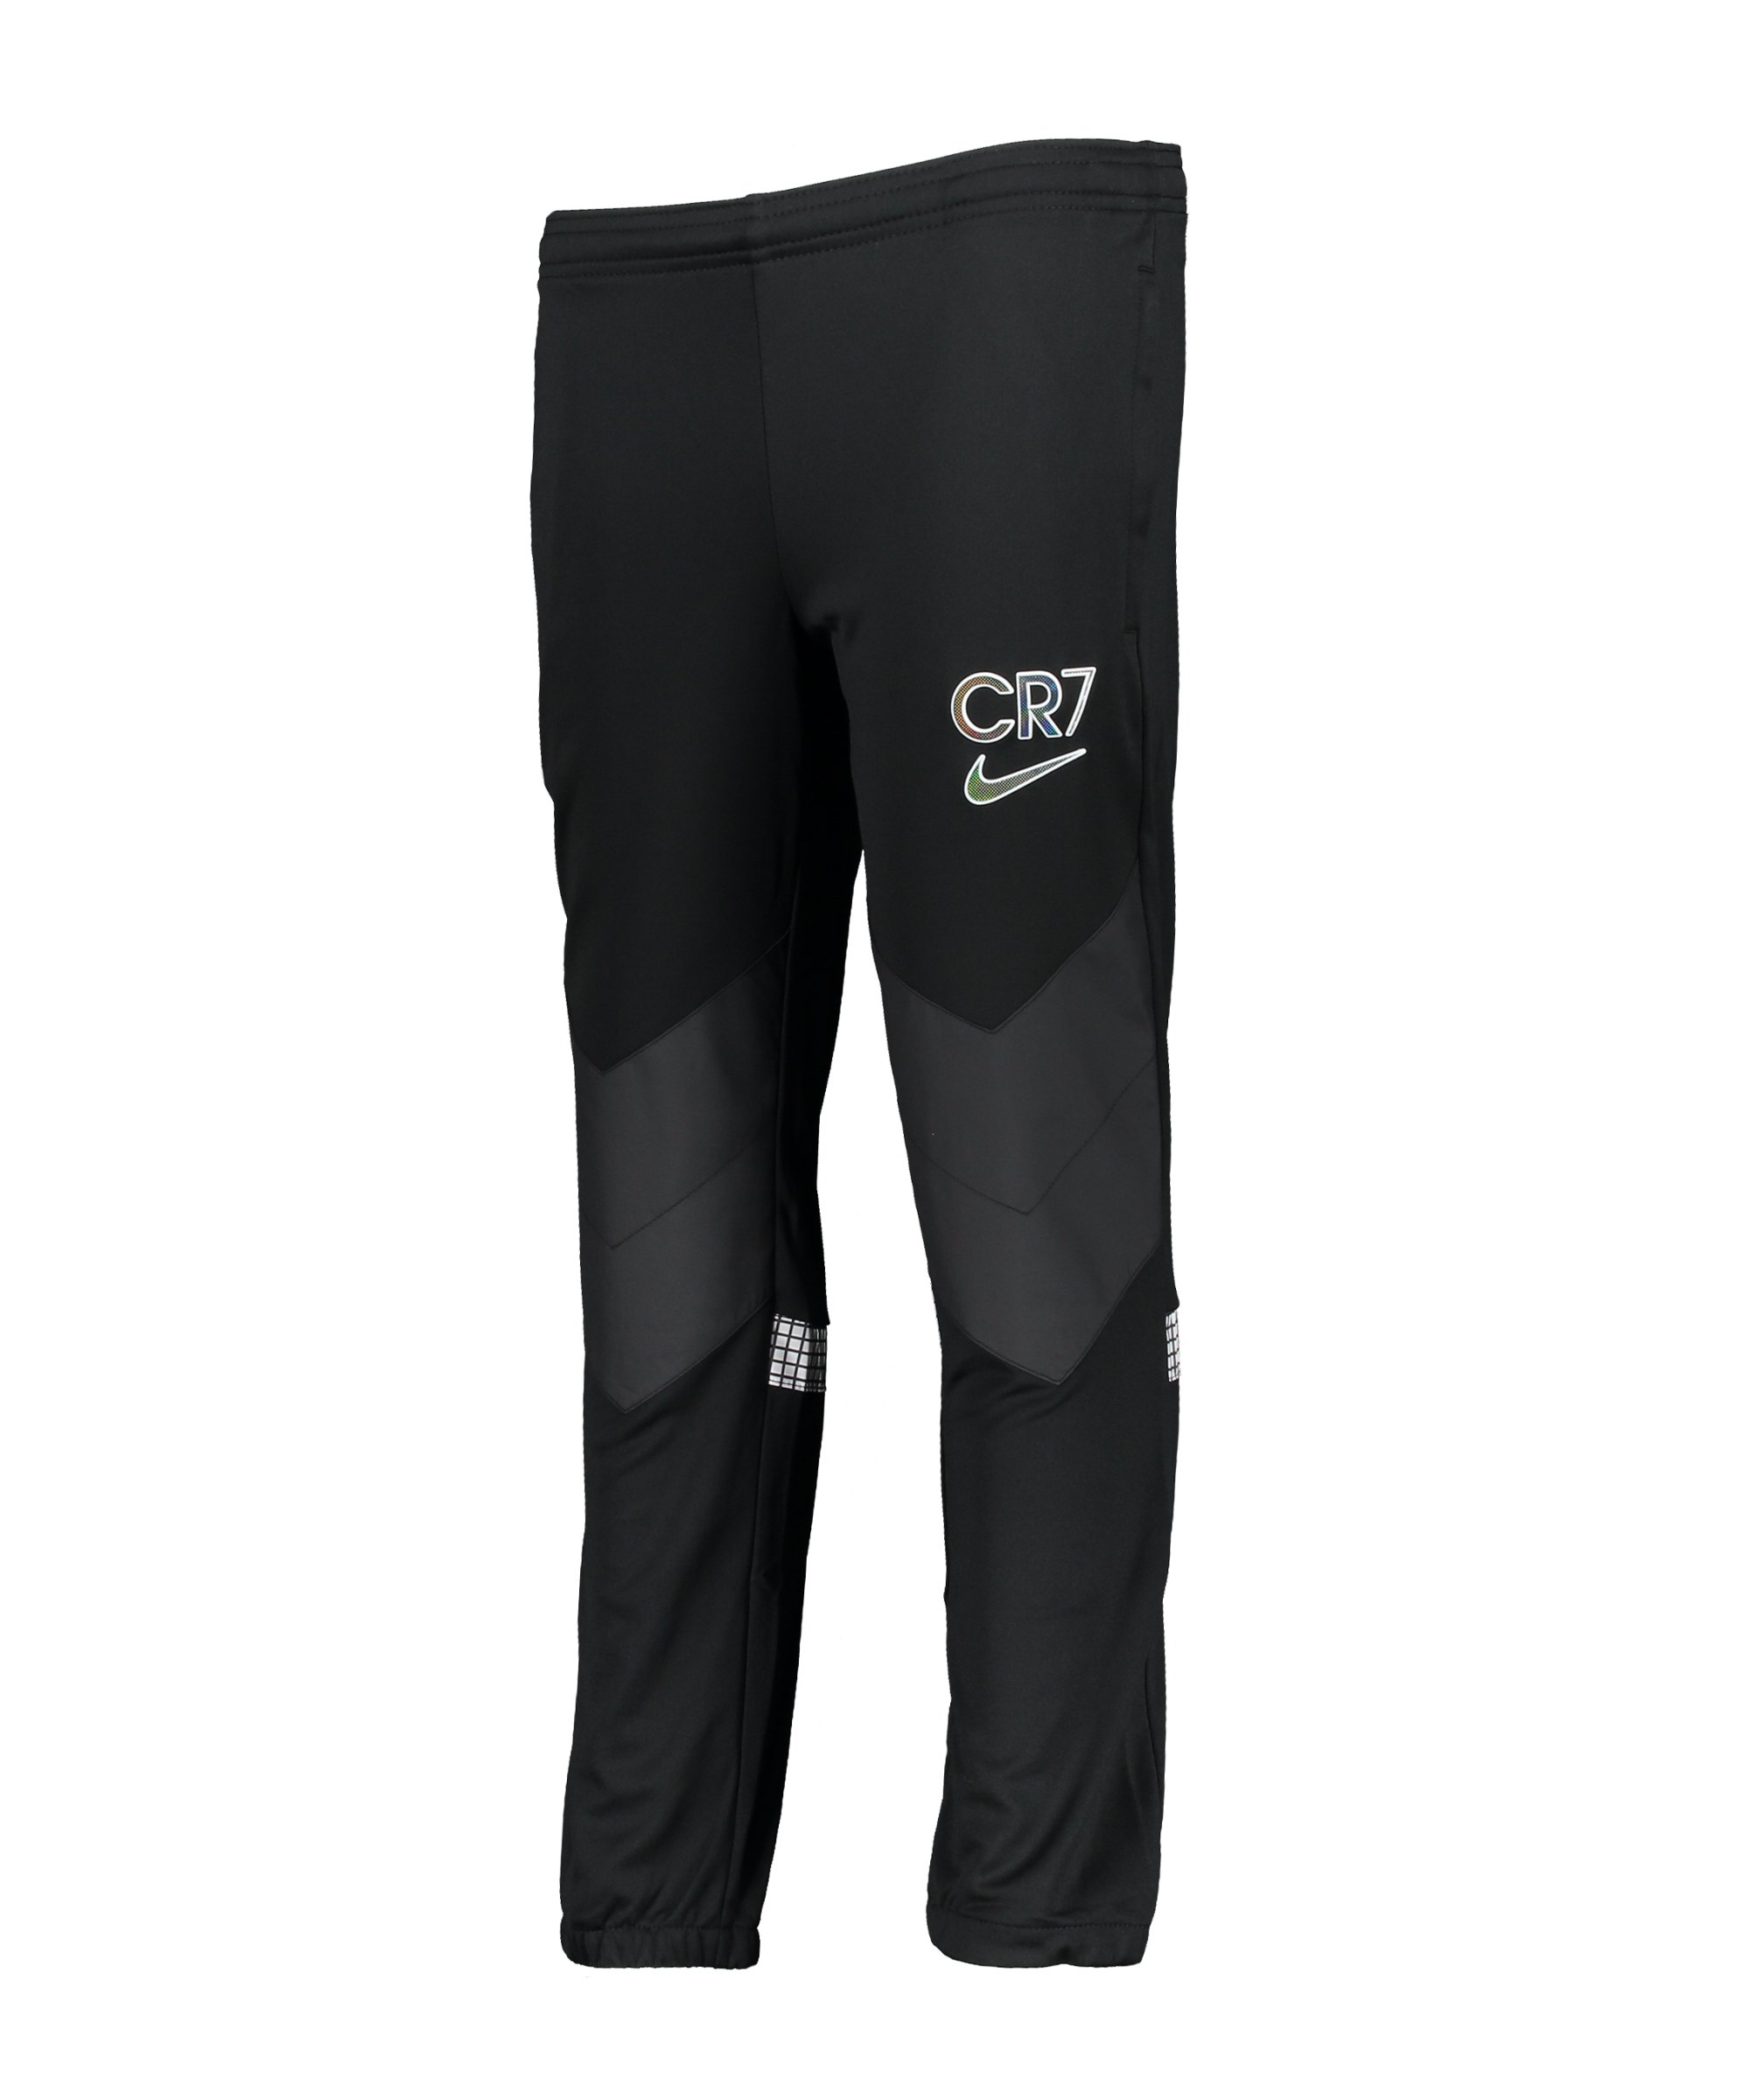 Nike CR7 Dry Trainingshose Kids Schwarz F010 - schwarz